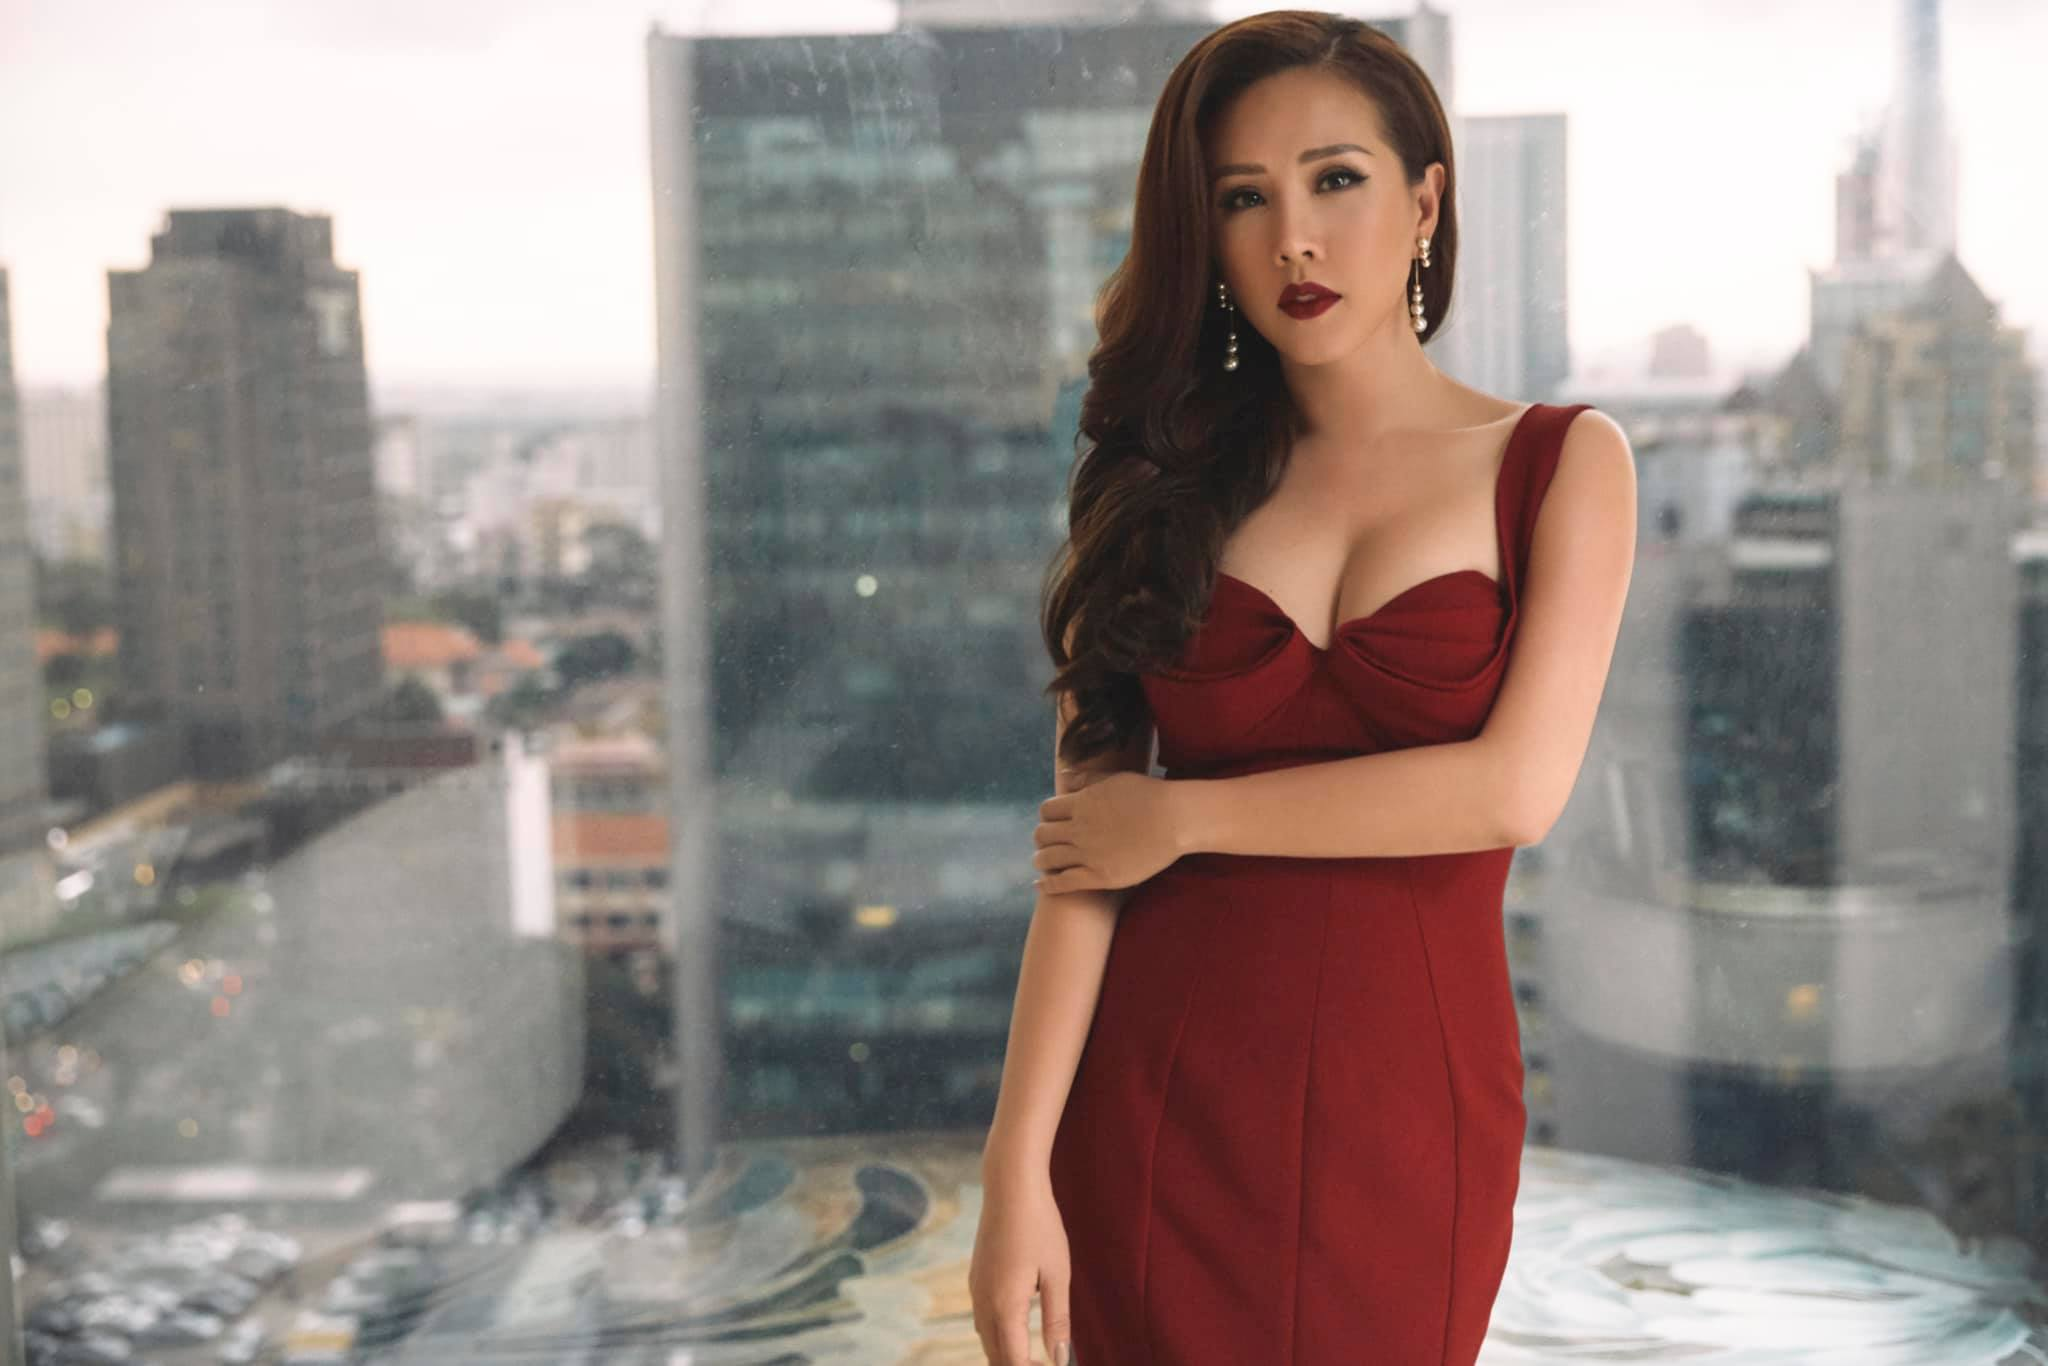 Hoa hậu có hợp đồng hôn nhân triệu đô với bạn trai Việt kiều, kiếm 10 tỷ mỗi tháng: Sự thật ngã ngửa - 1 Hoa hậu có hợp đồng hôn nhân triệu đô với bạn trai Việt kiều, kiếm 10 tỷ mỗi tháng: Sự thật ngã ngửa